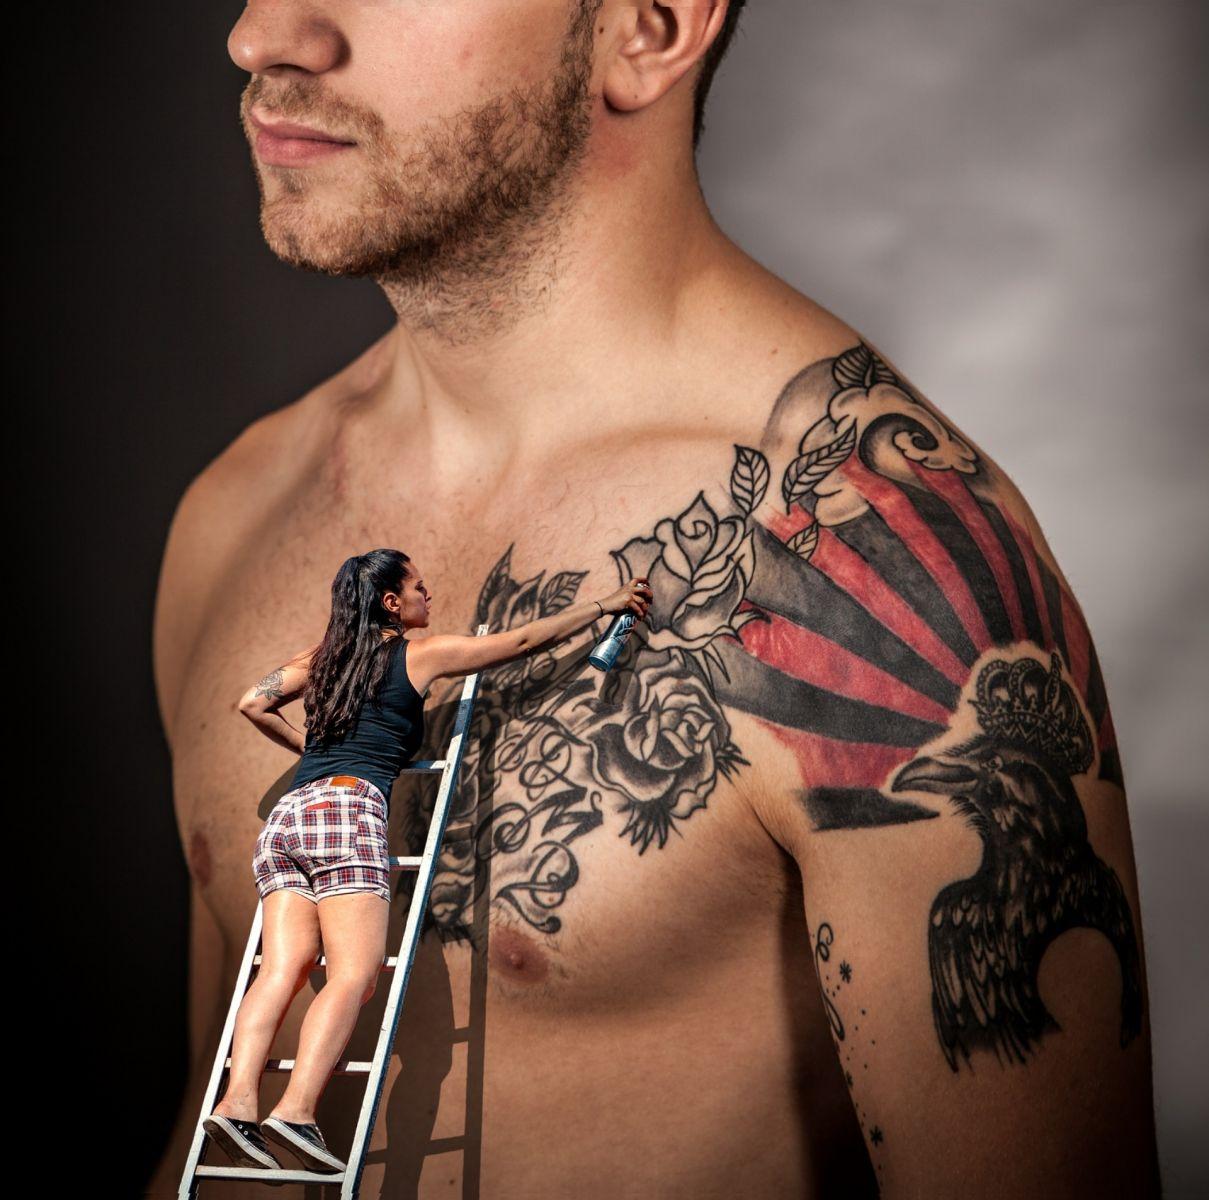 Genoeg THE HORROR! Check die allerlelijkste tattoo's ever! - Partyscene &OL88